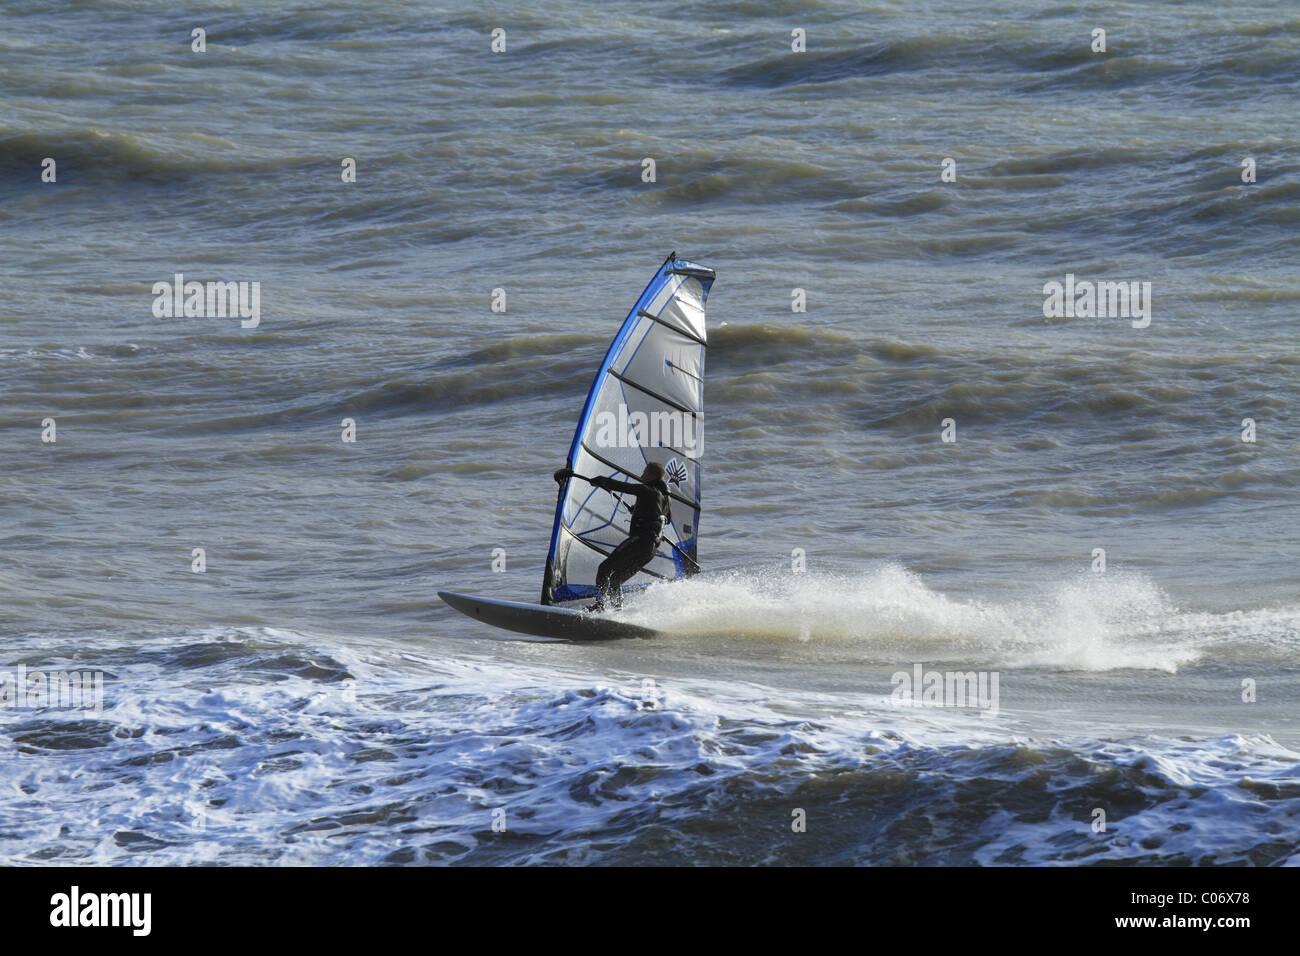 Wind Surf off Eastbourne, East Sussex, Inglaterra. Imagen De Stock